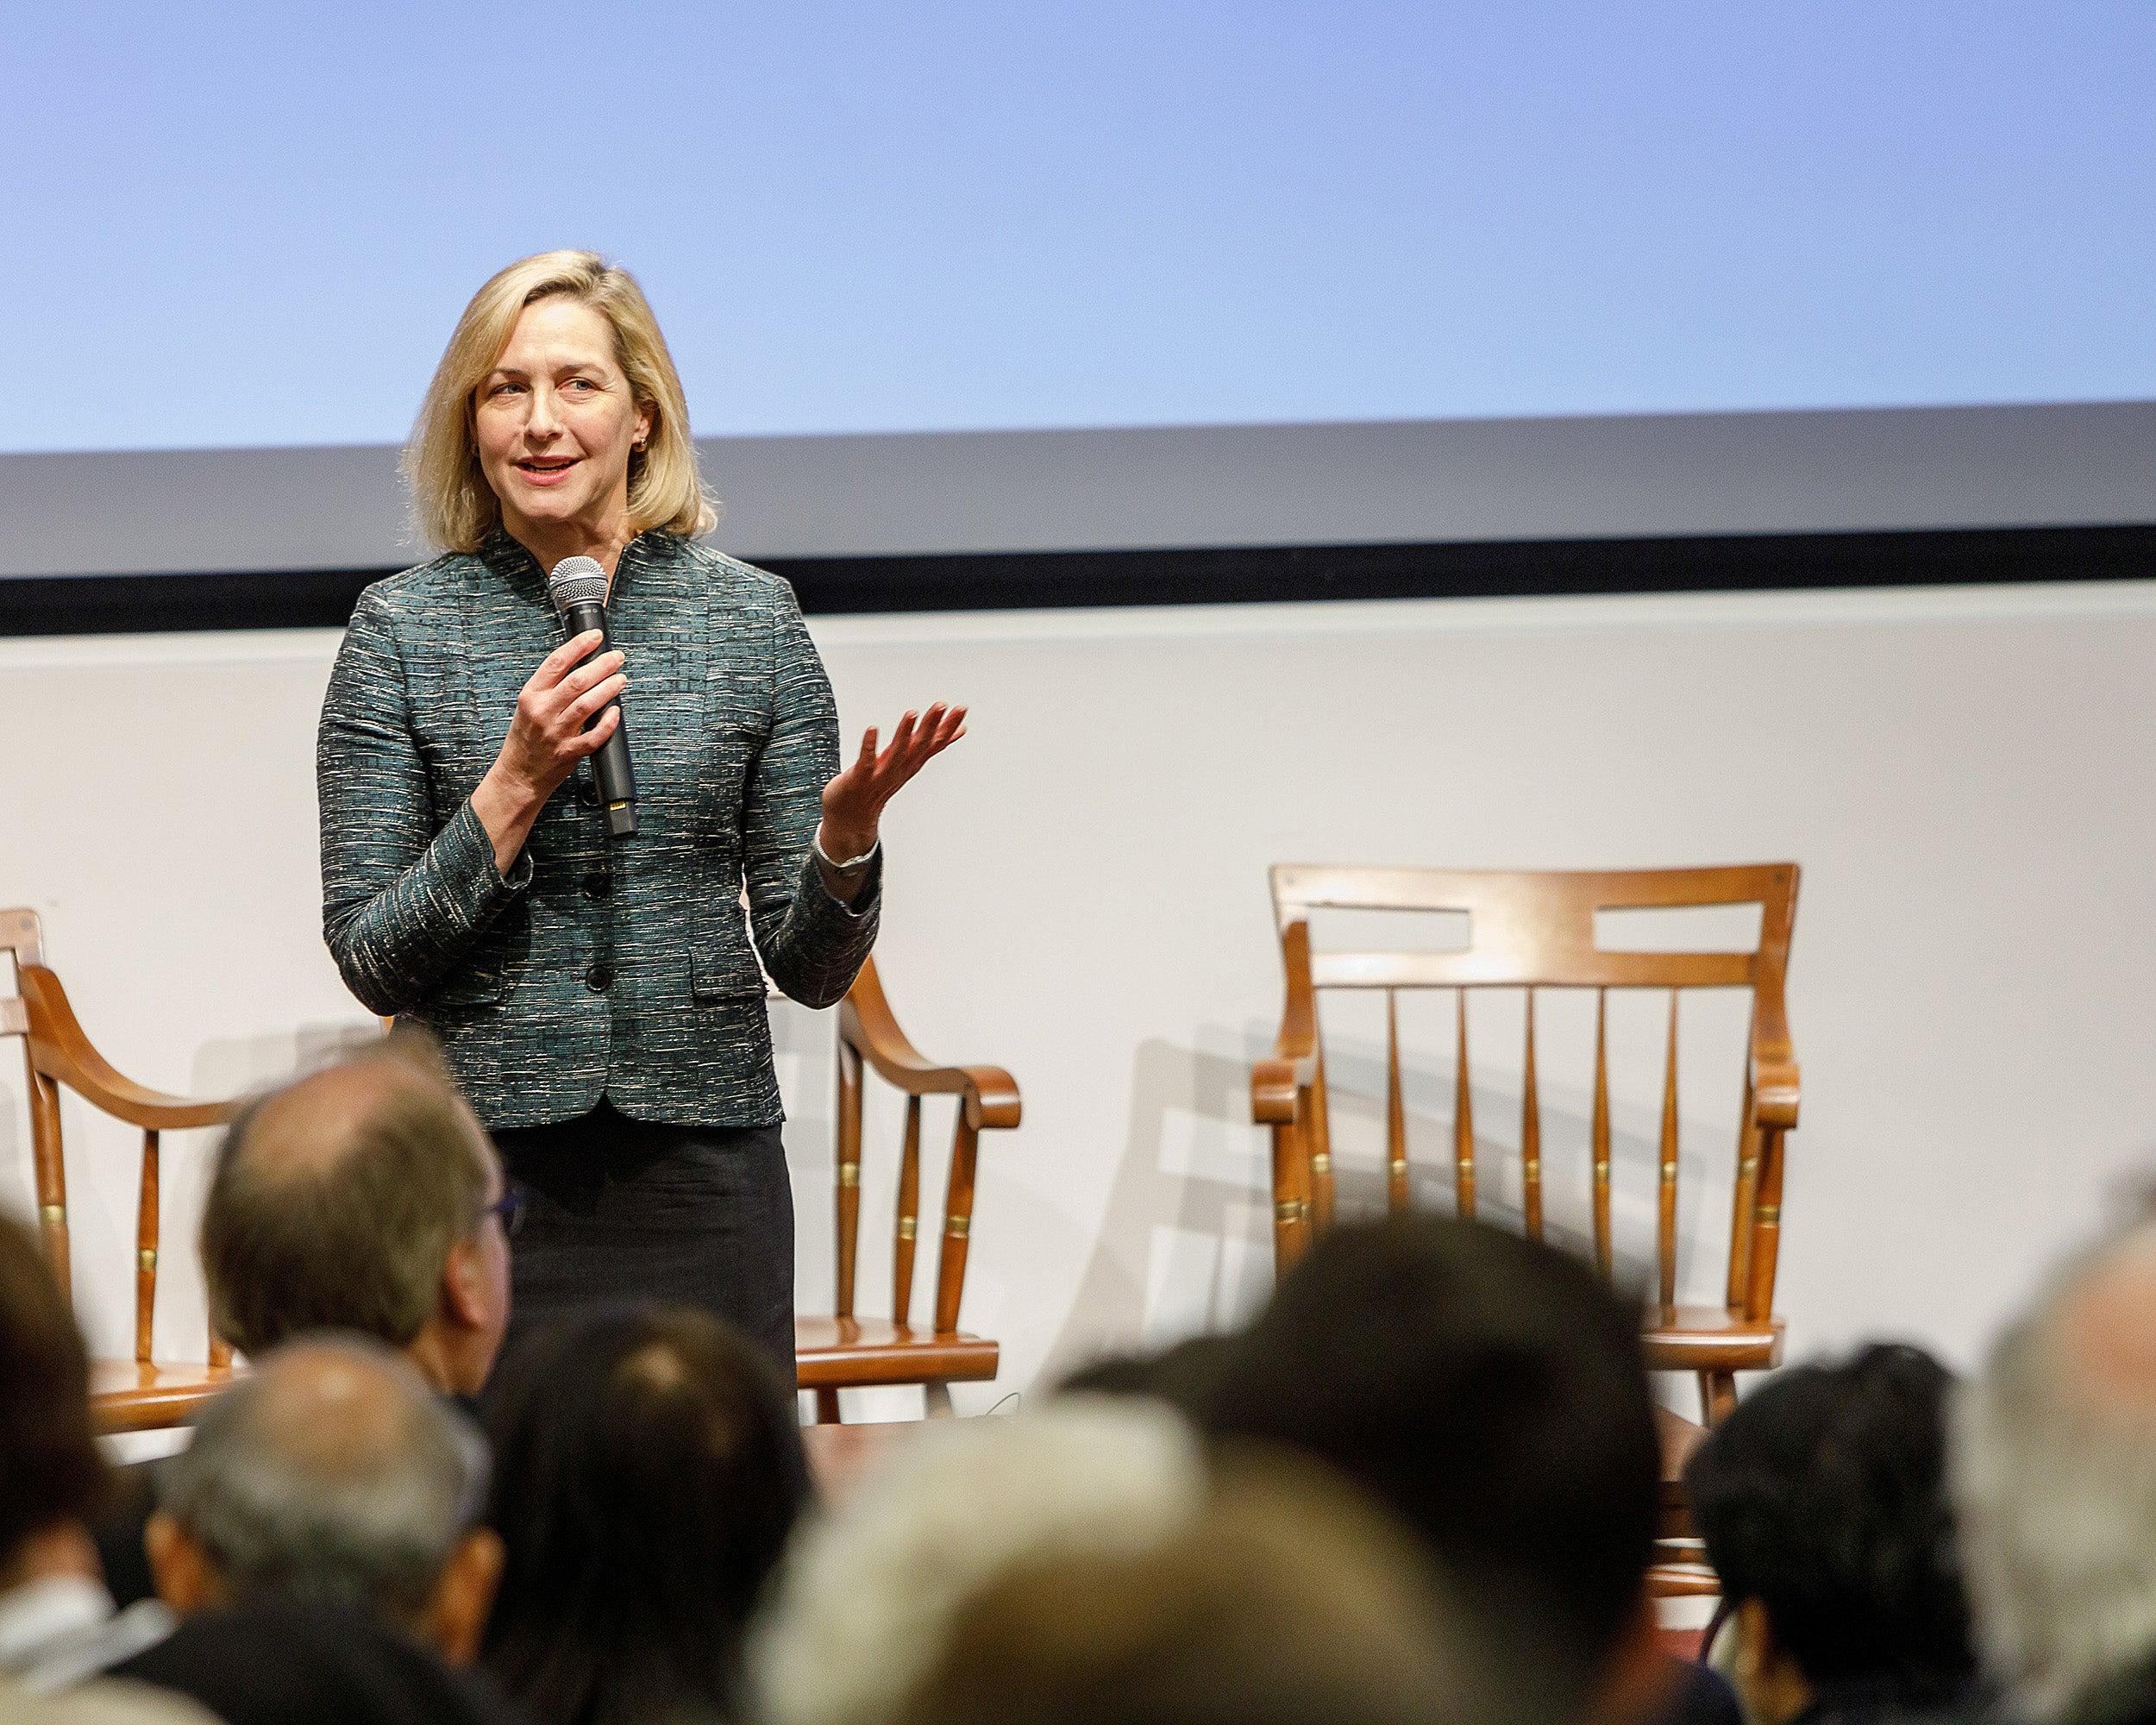 Woman speaking onstage.